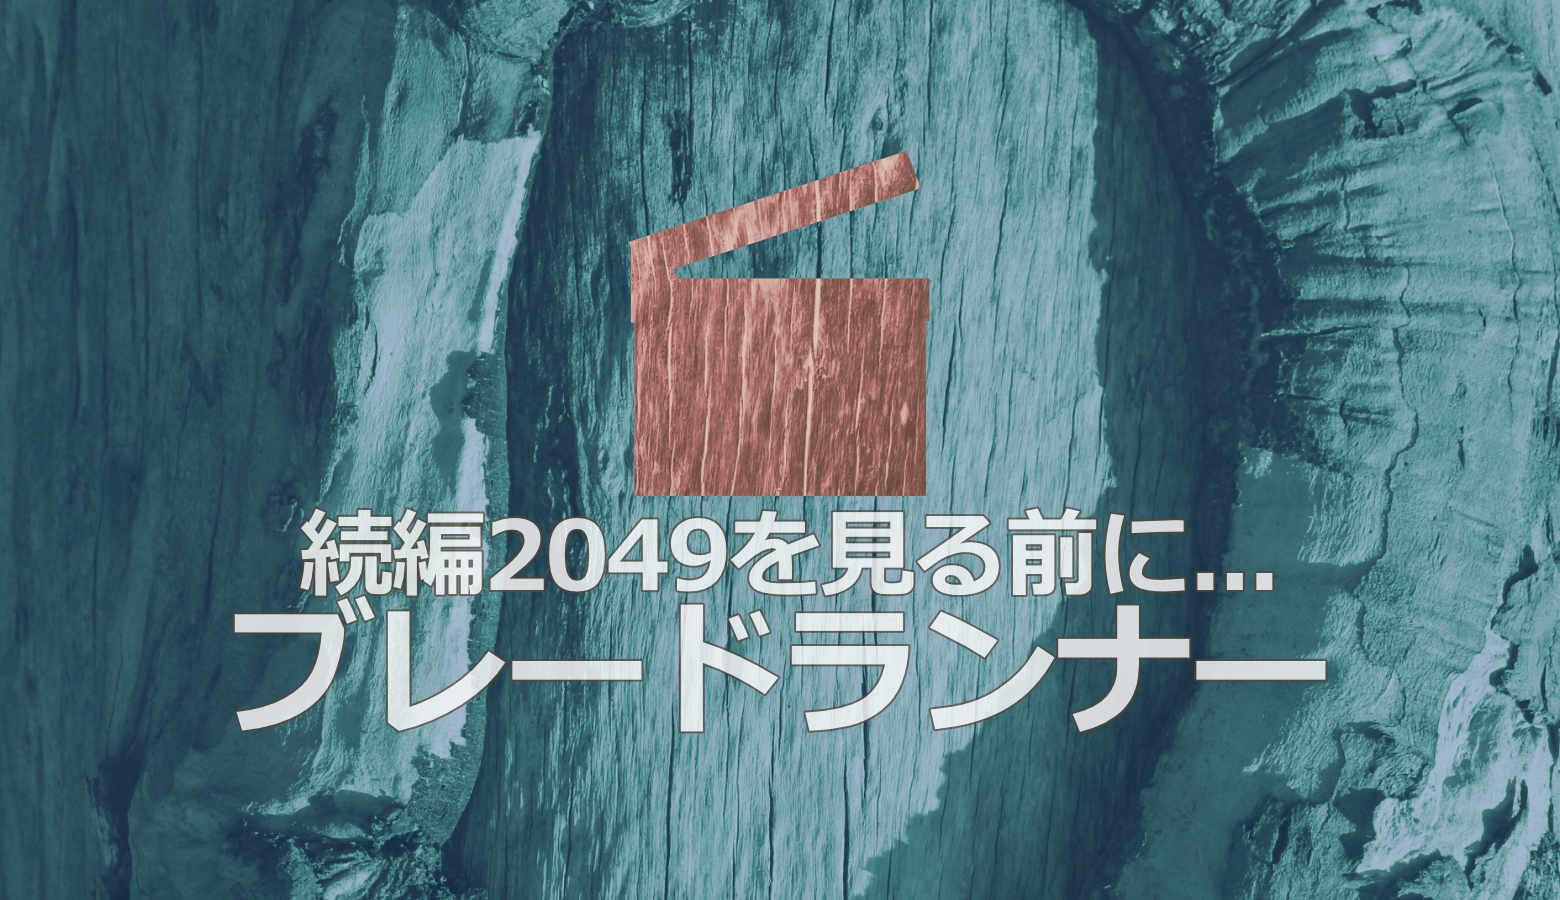 2049を見る前に観て欲しいブレードランナー【前編・映画】